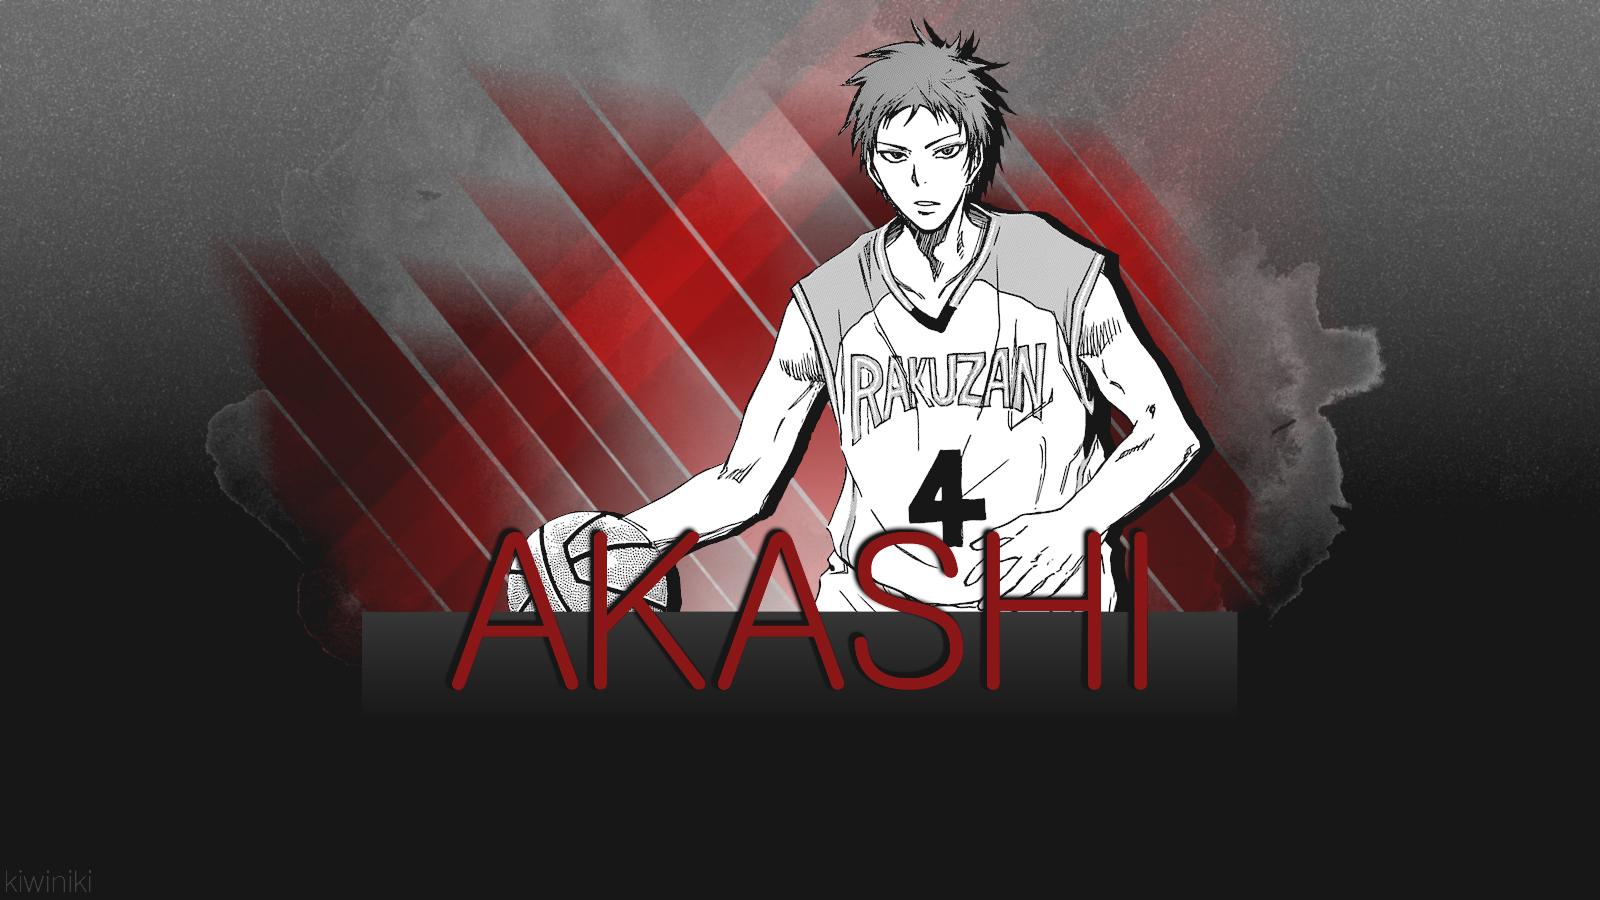 ❤ Akashi Seijuro ❤